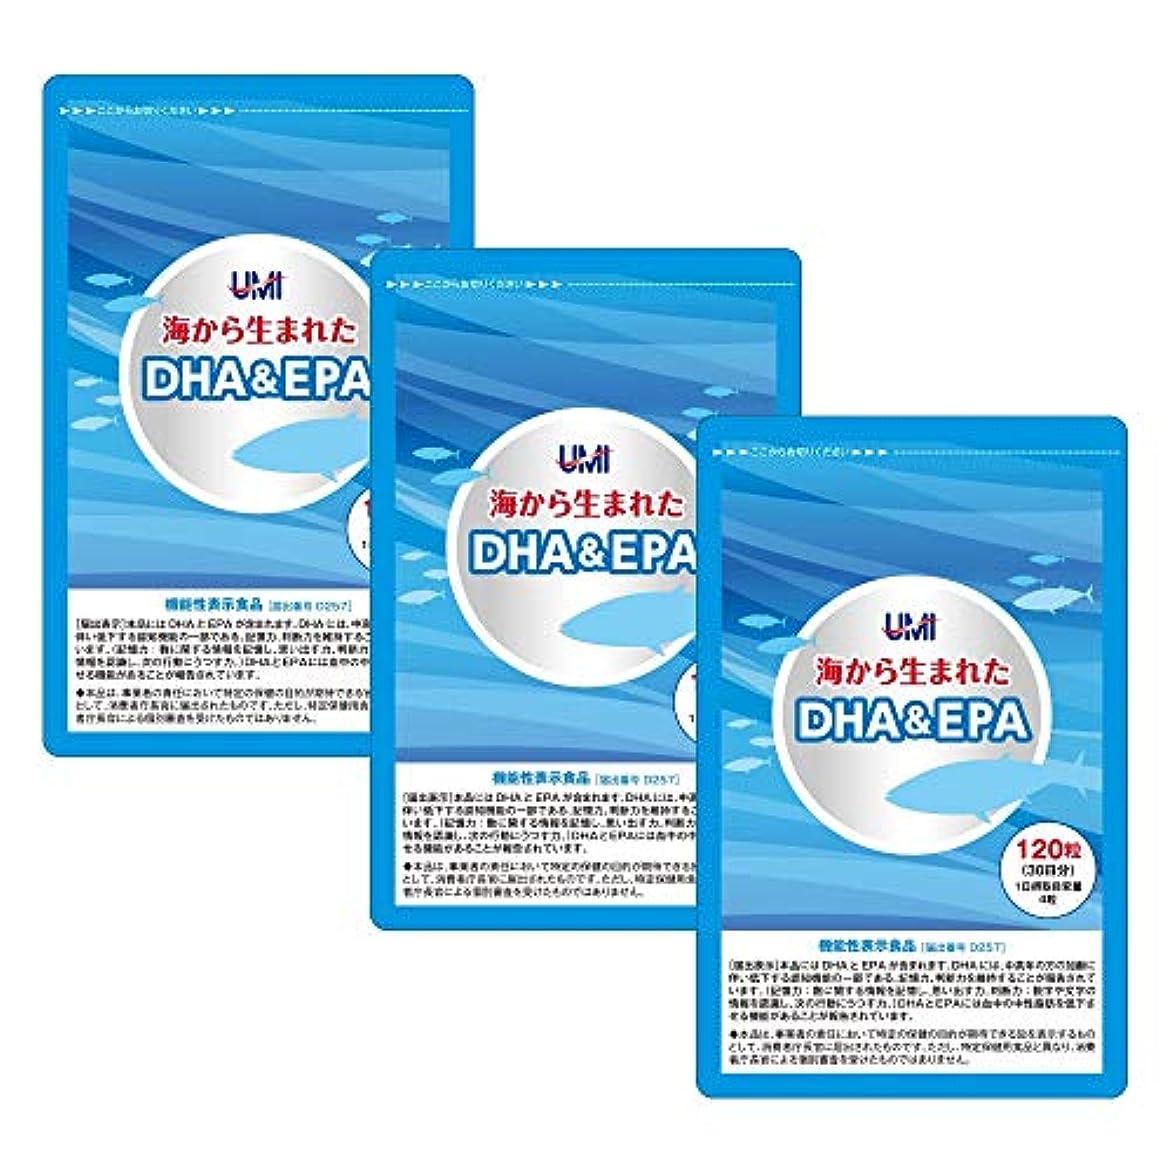 ビート尋ねるシチリアDHA&EPA 3袋セット360粒(1袋120粒入り)